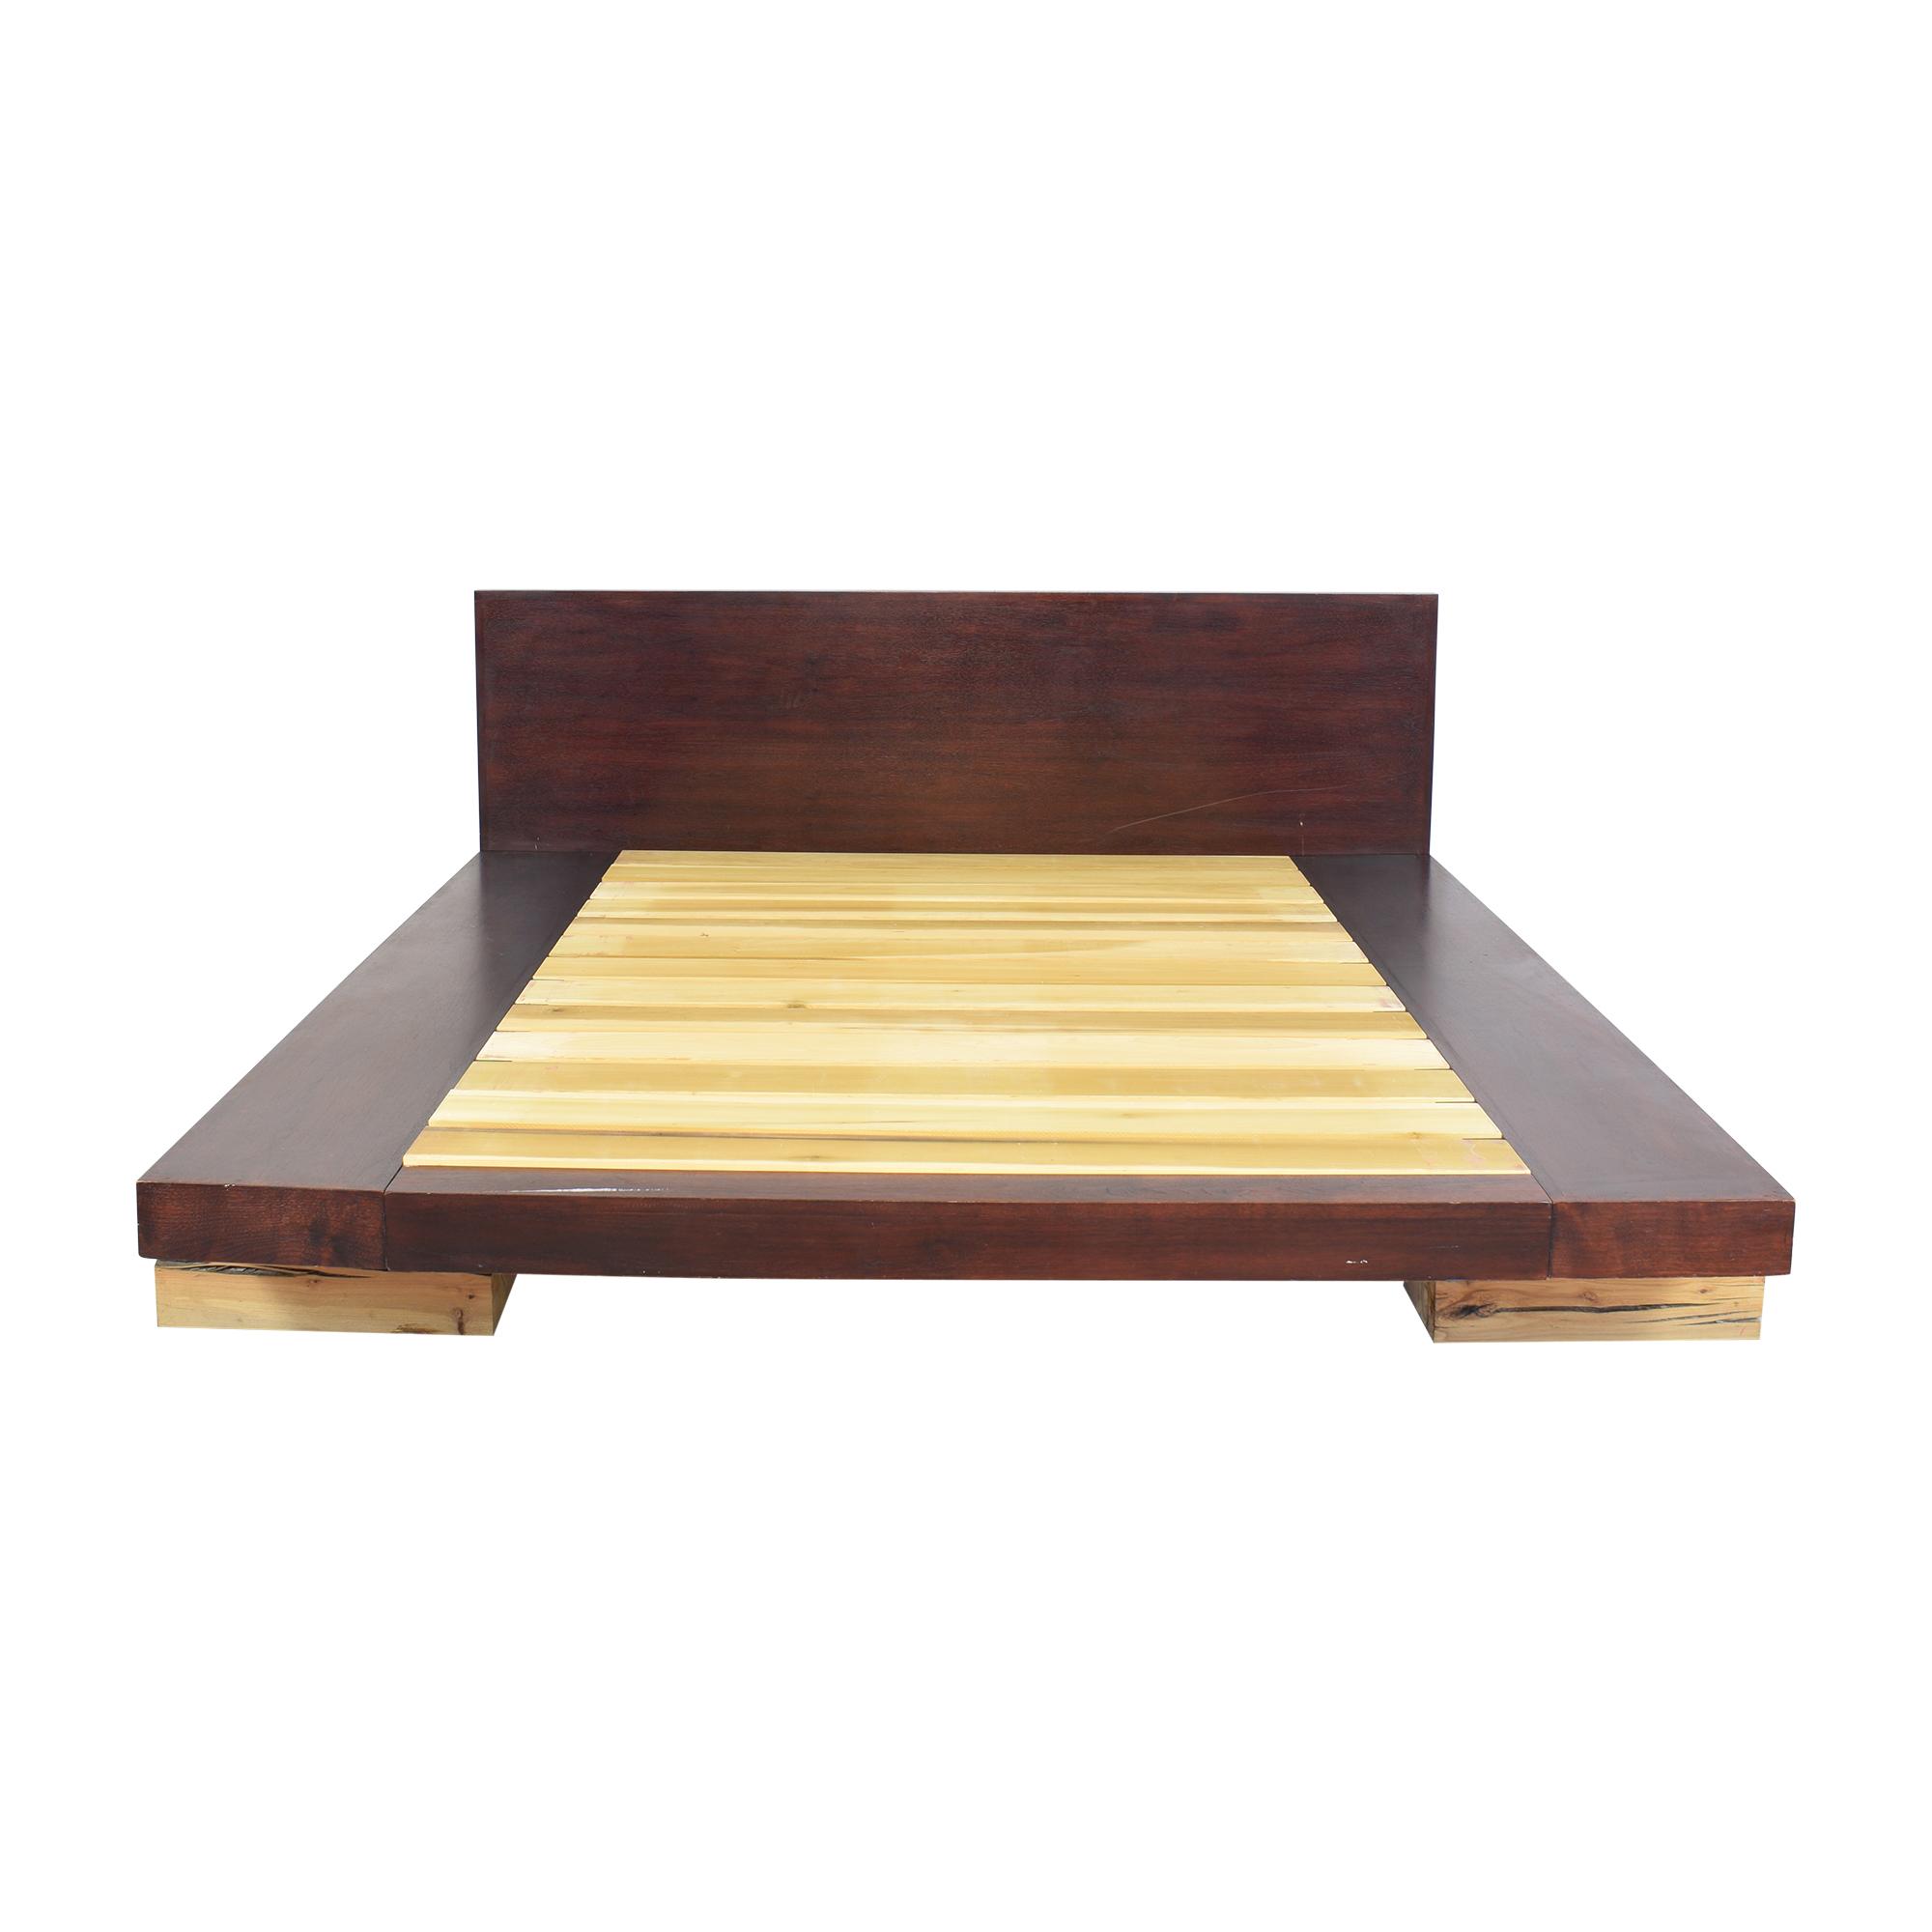 shop ABC Carpet & Home ABC Carpet & Home Railroad Tie Platform Bed online